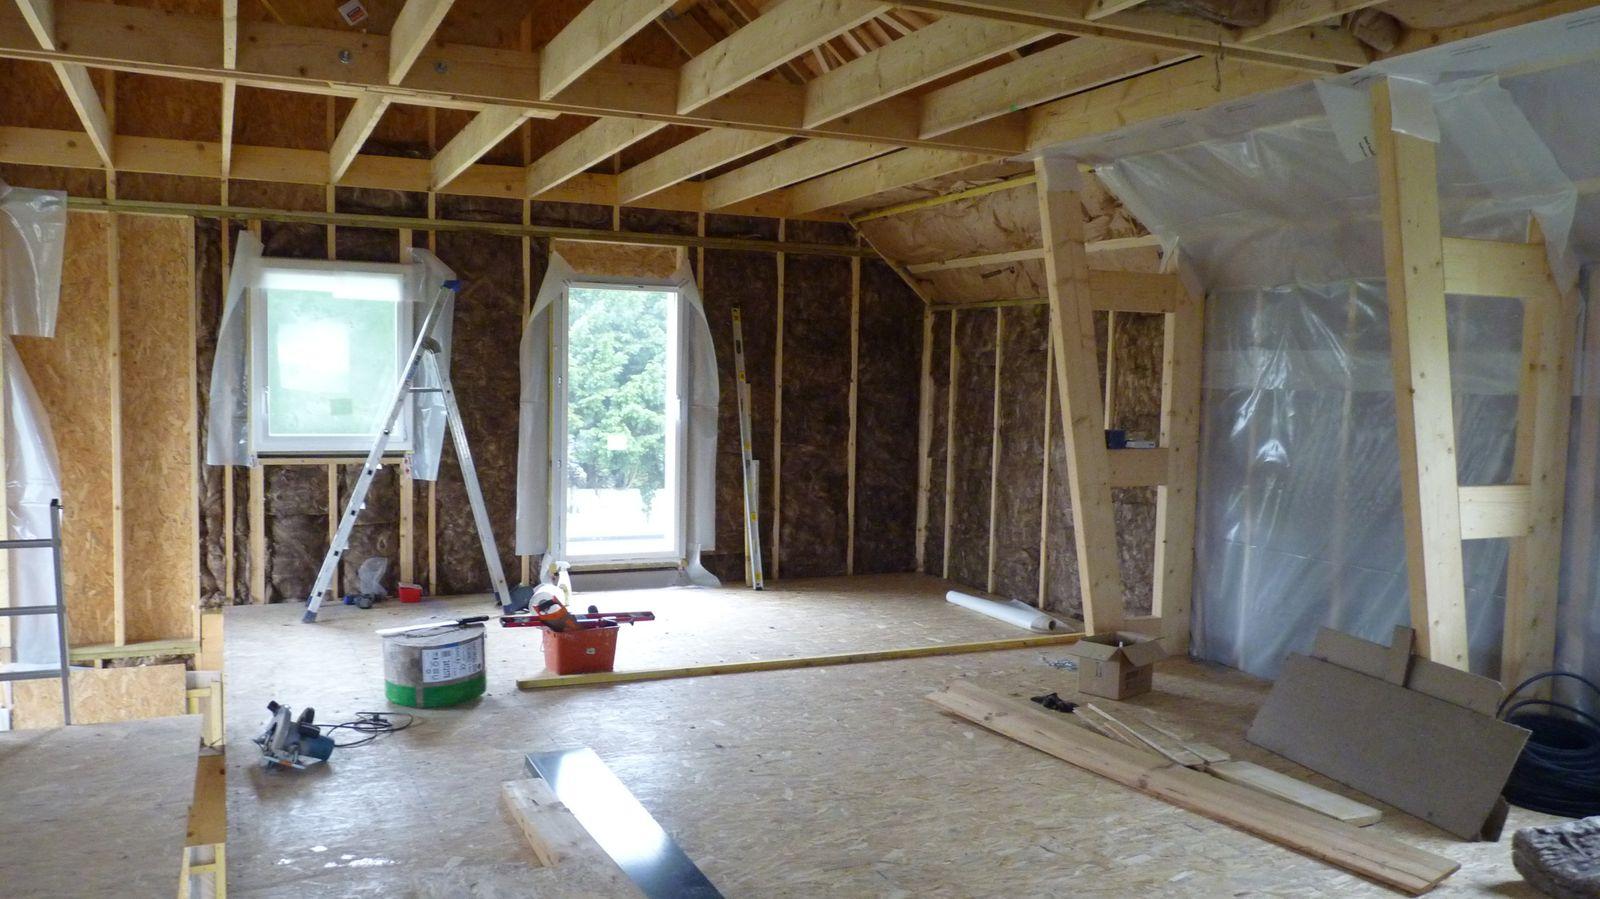 isolation plancher bois etage 28 images iivraison isolation plancher le de mob 25, plancher